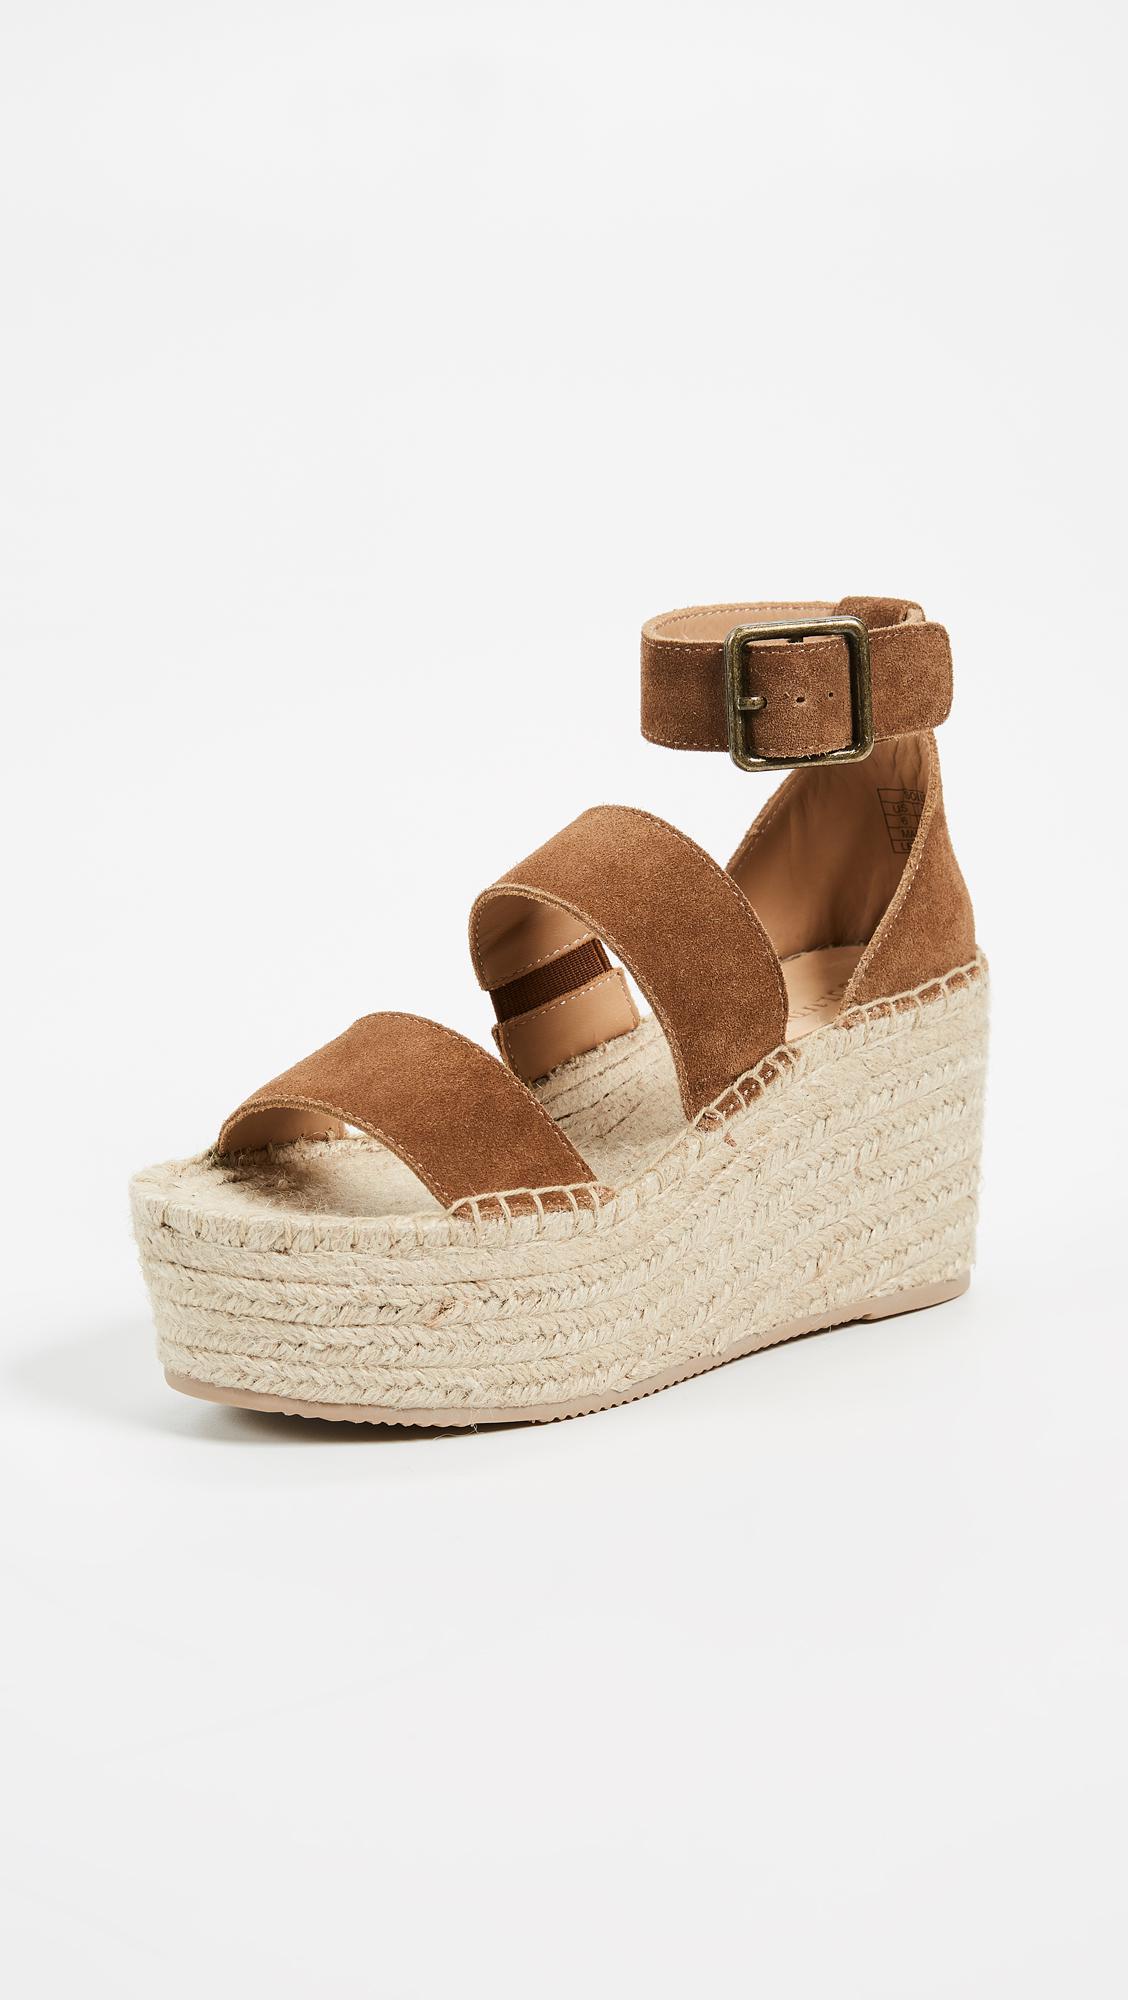 73d473a598c Soludos - Multicolor Palma Platform Sandals - Lyst. View fullscreen